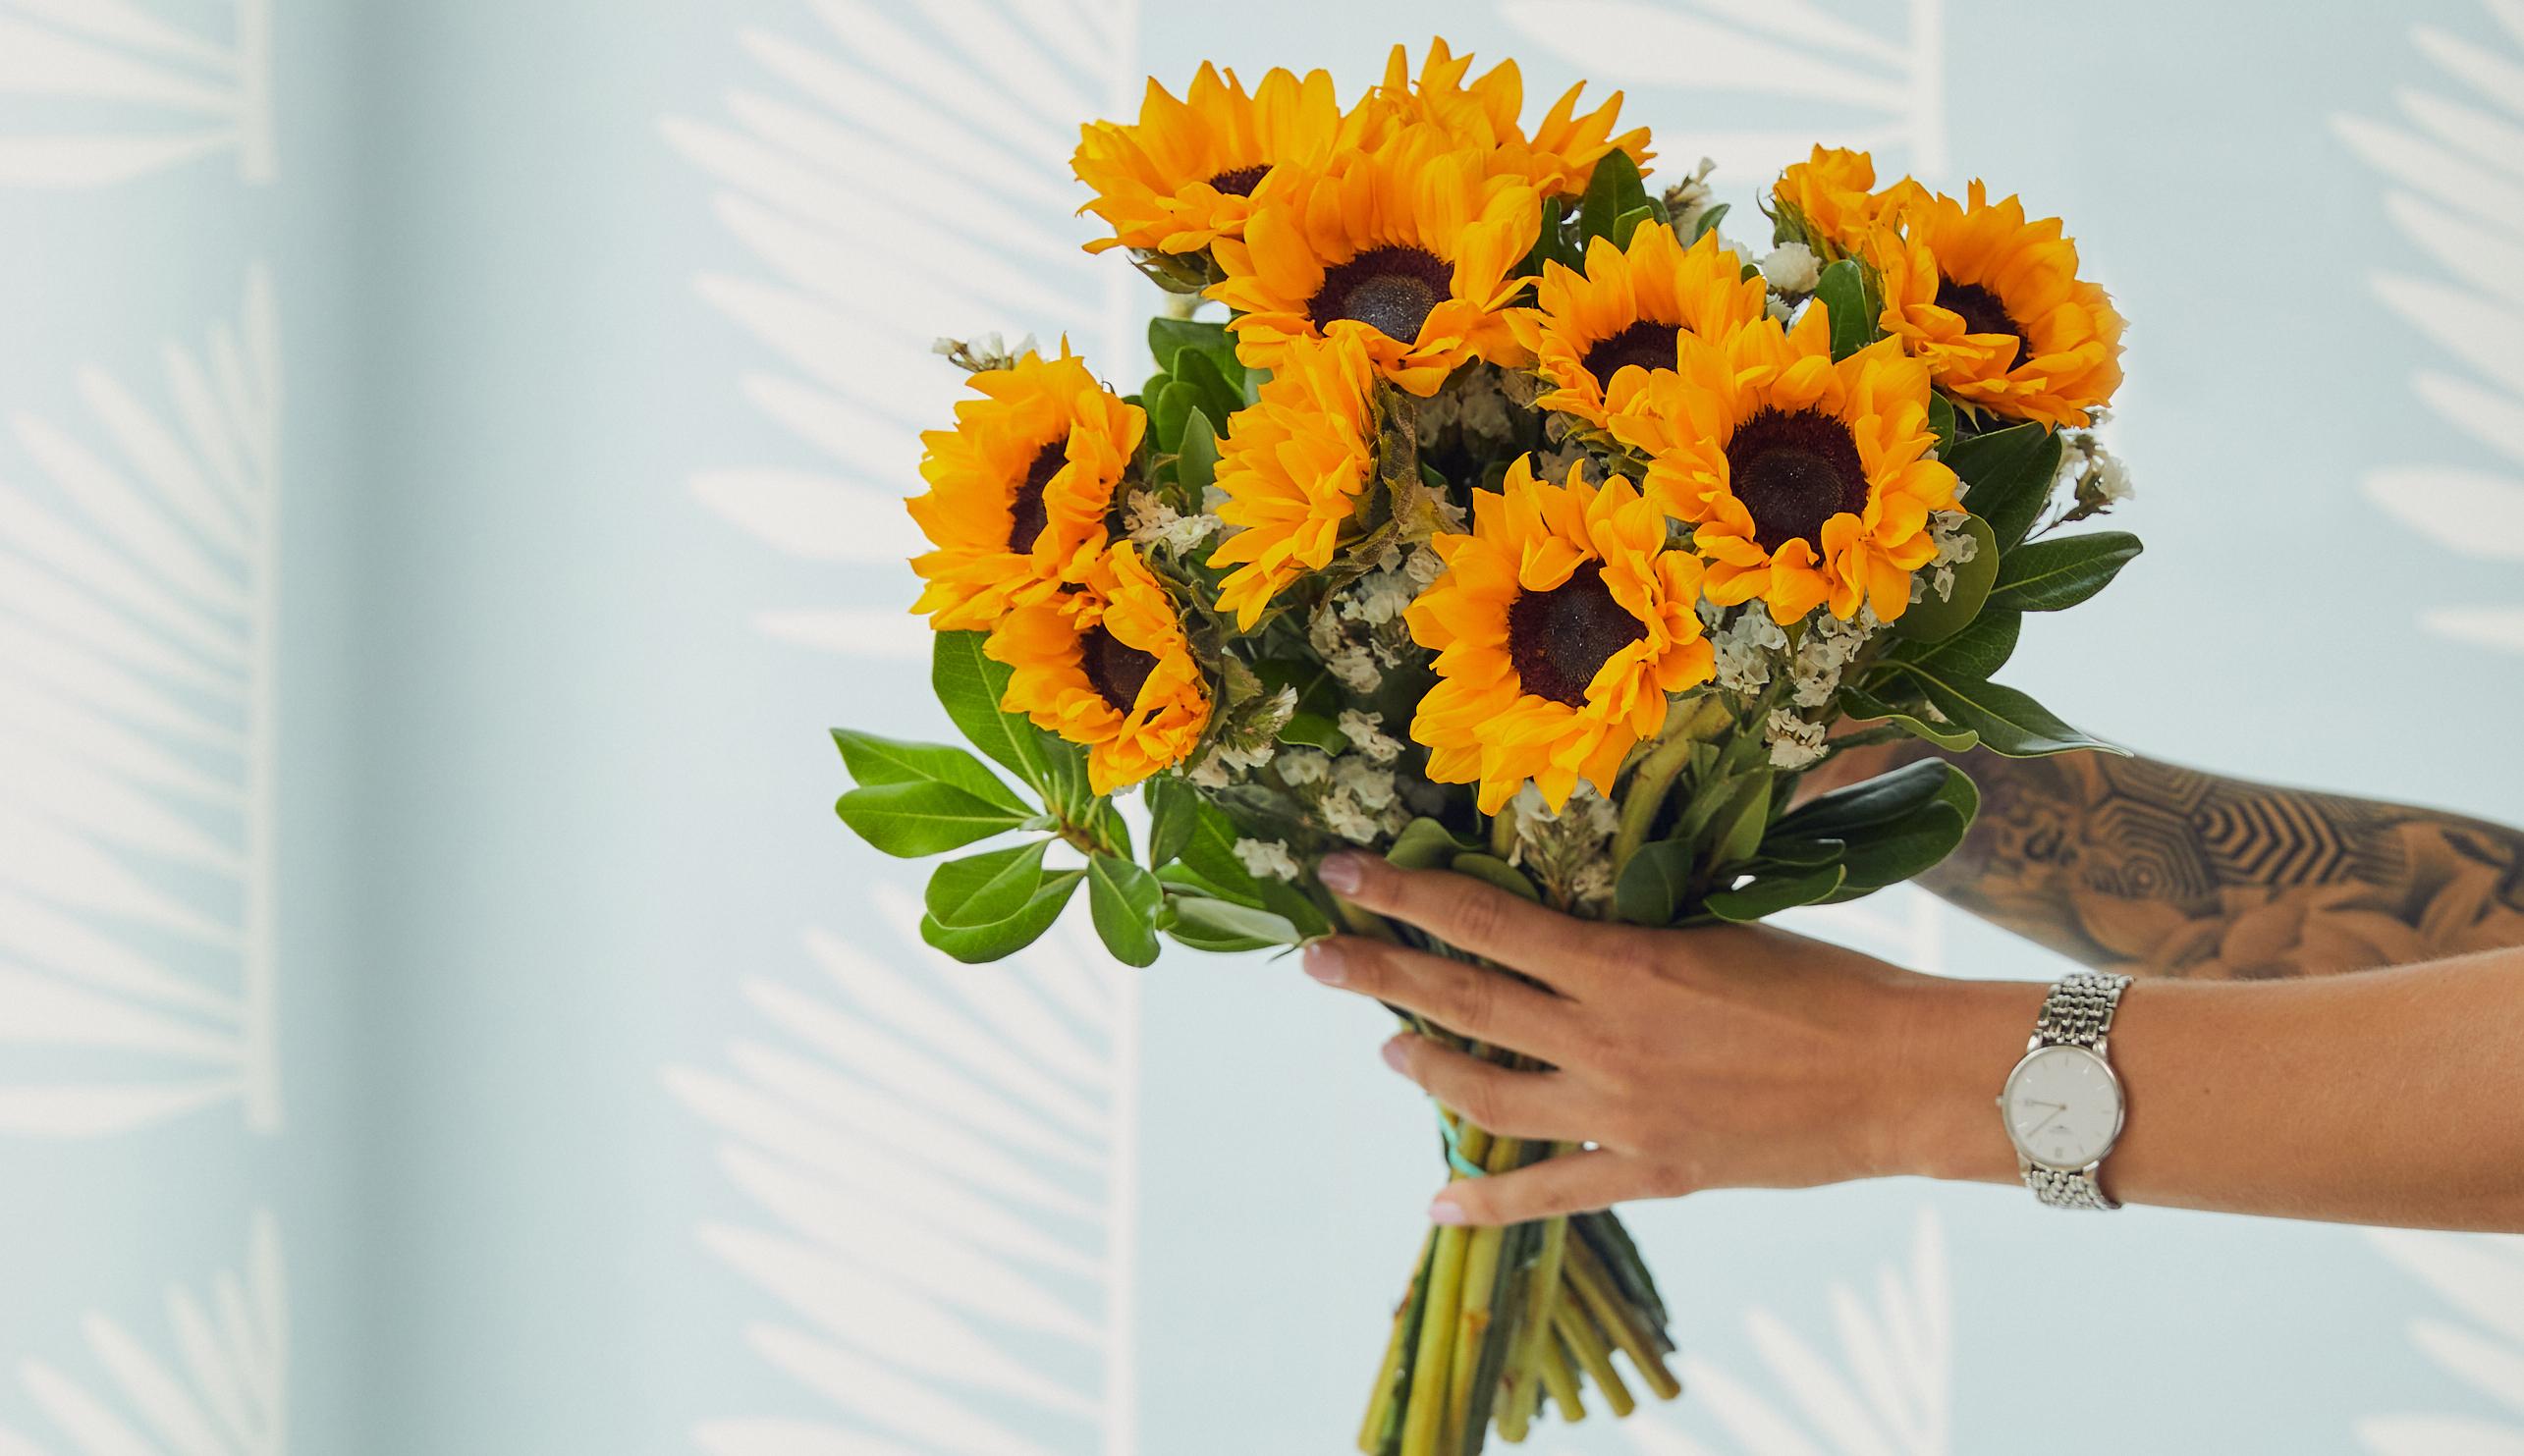 Hands holding sunflower bouquet